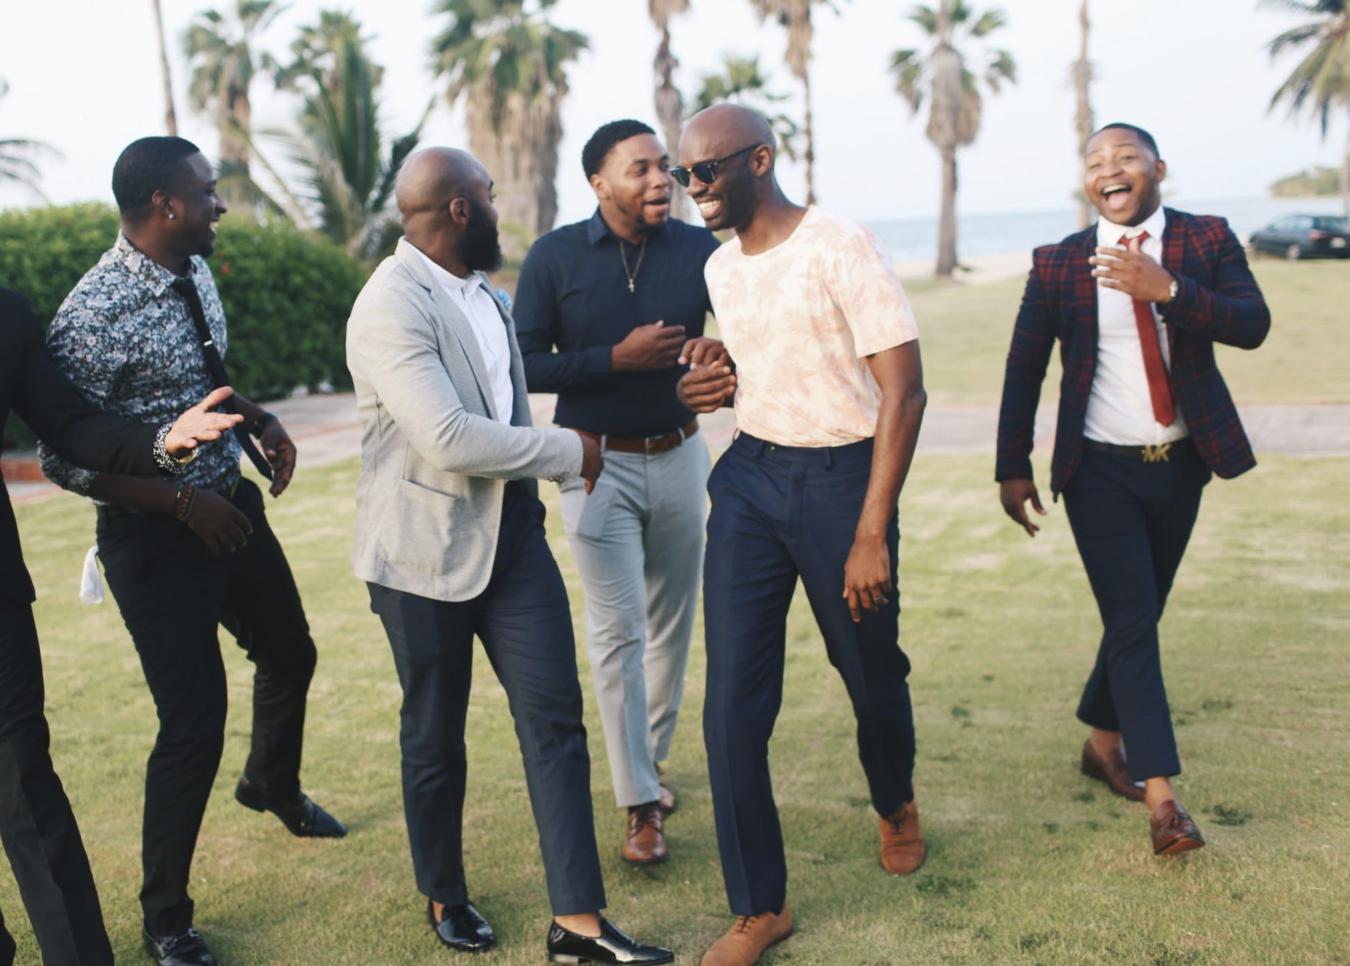 black-men-in-suits-puckn-khaos-article-pexels